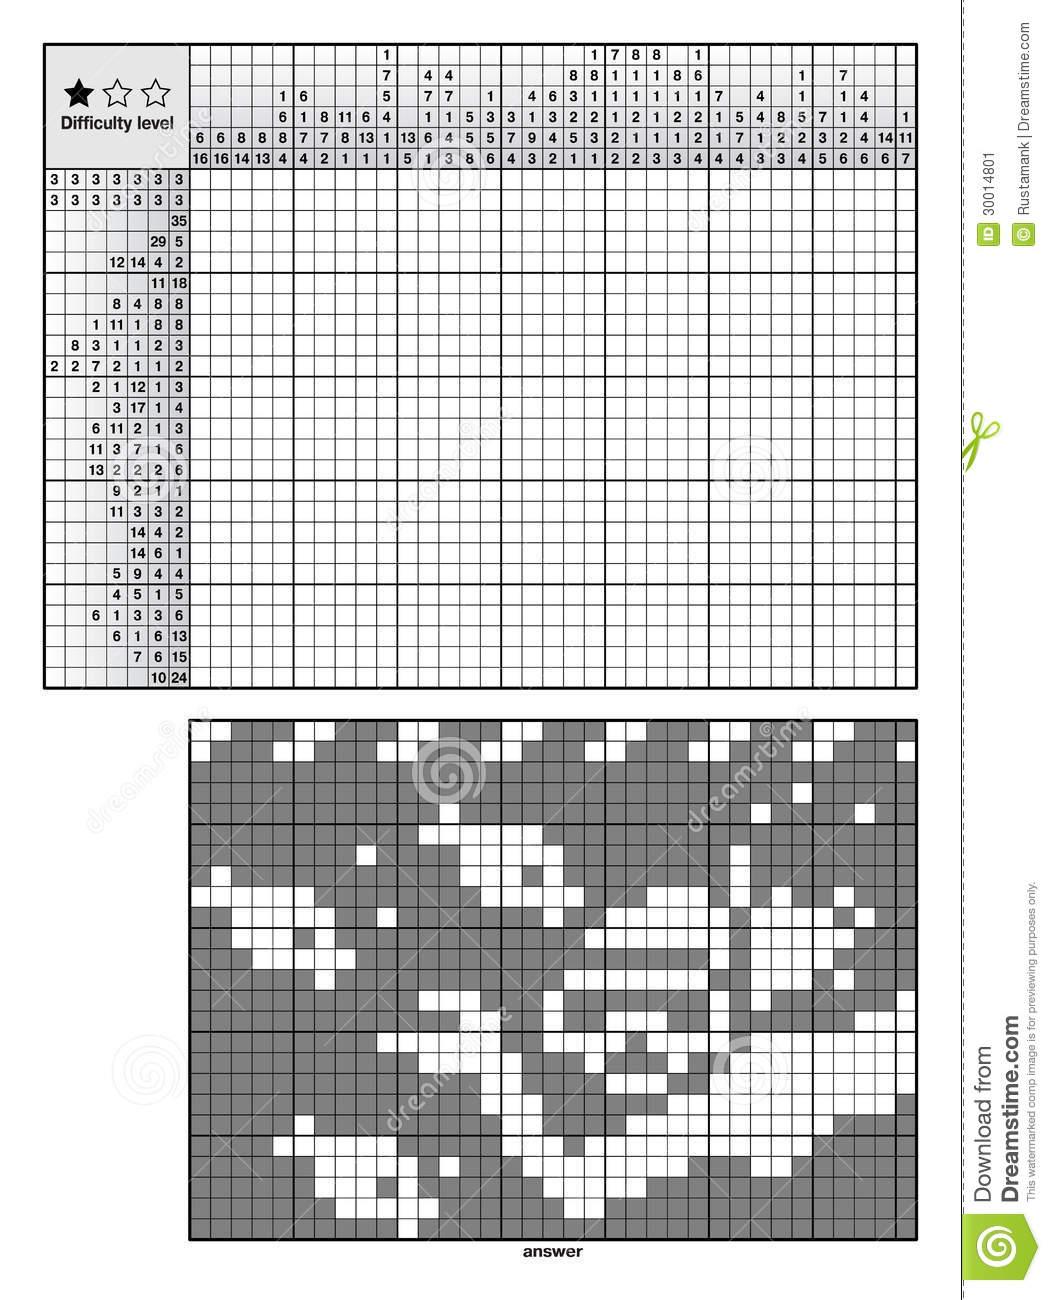 Puzzles De Logique D'image Illustration De Vecteur encequiconcerne Mots Croisés Faciles Pour Débutants